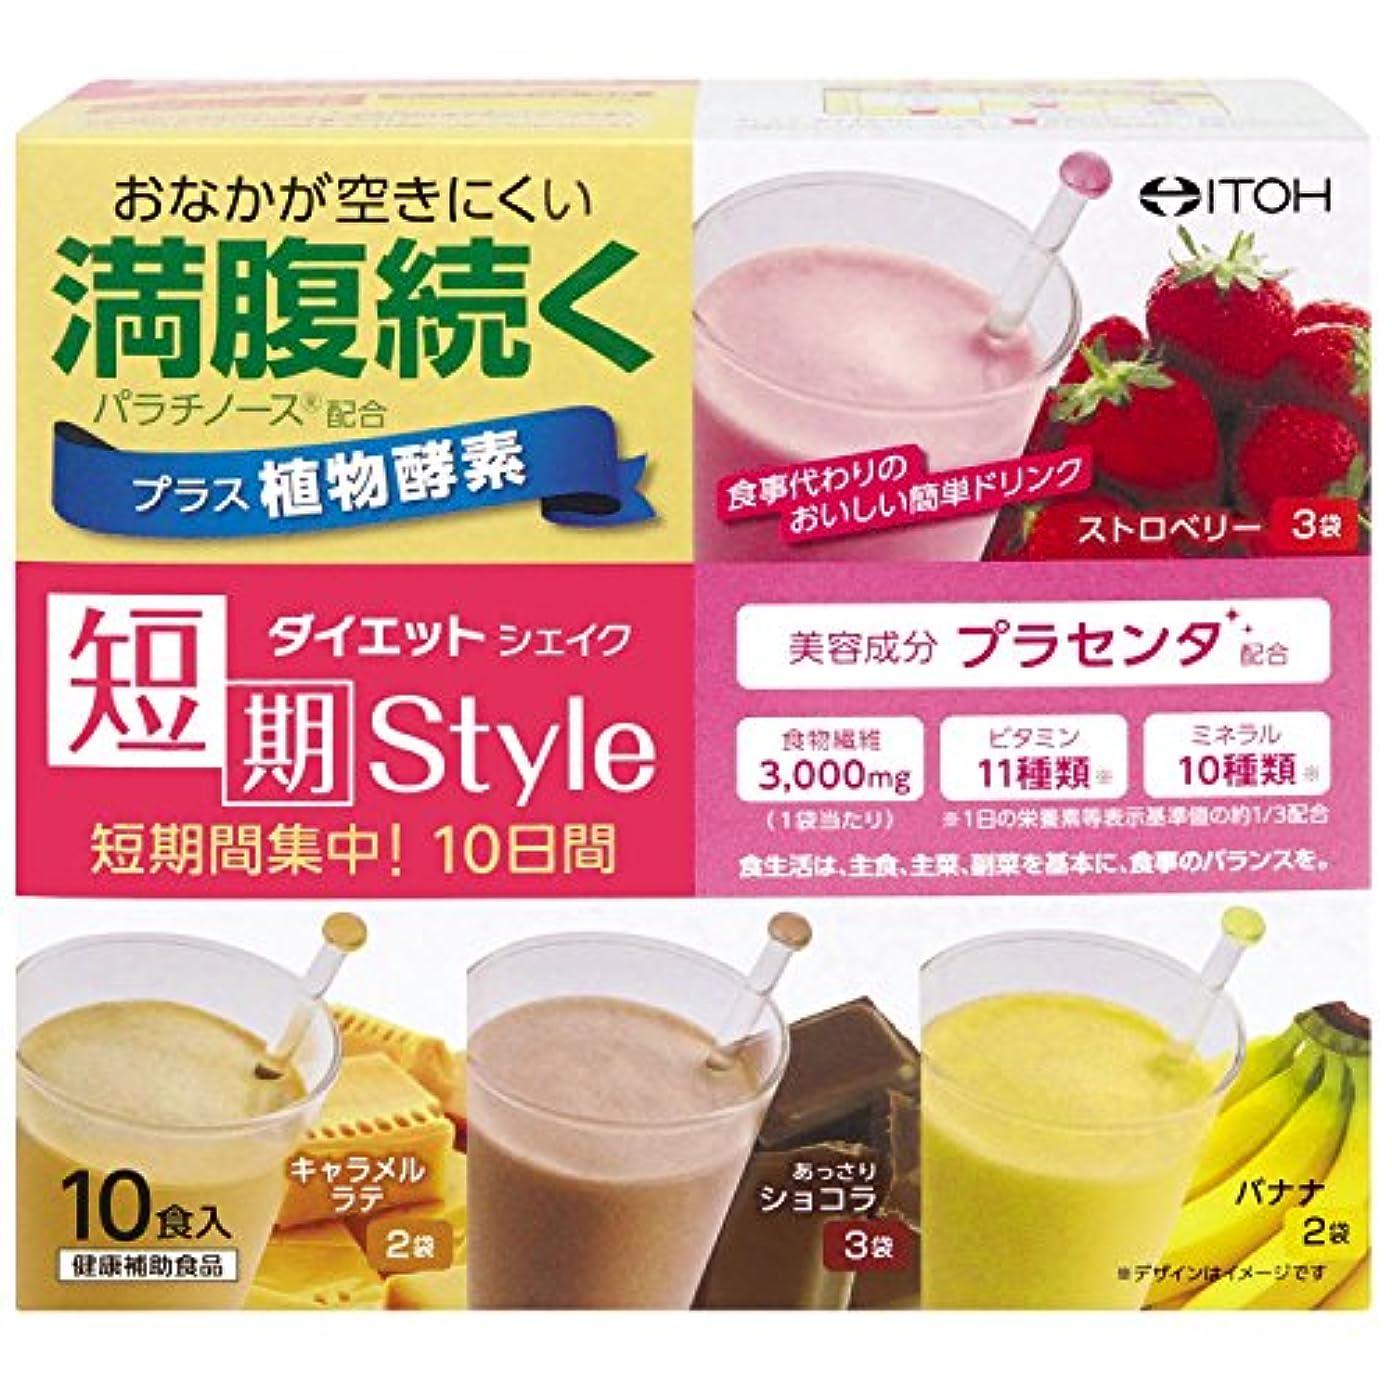 引退するブランチ従事した井藤漢方製薬 短期スタイル ダイエットシェイク 25g×10袋